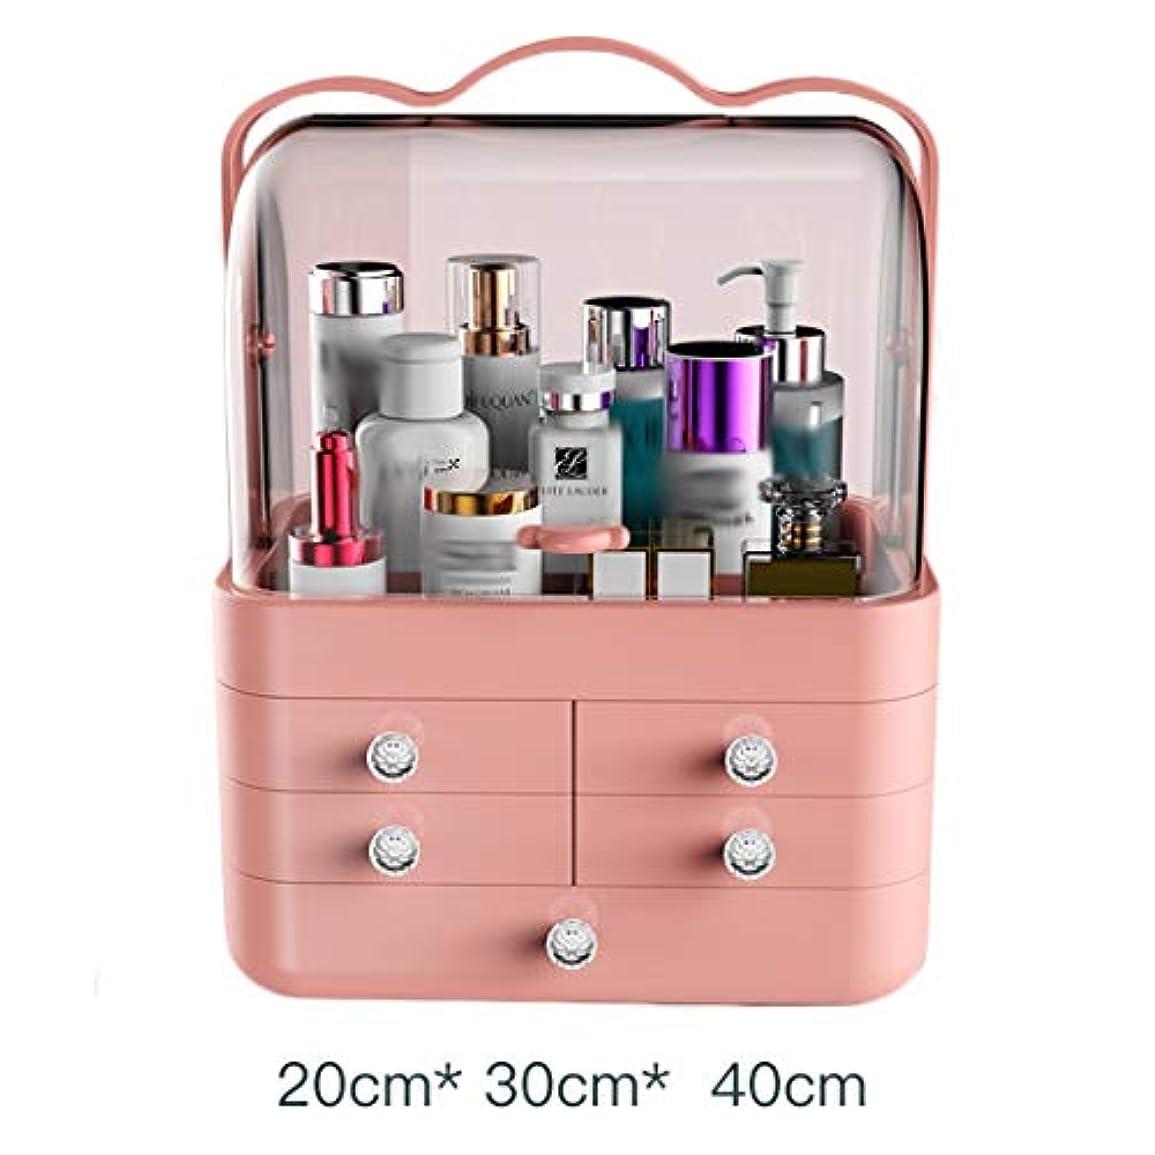 光特性キノコメイクケース メイクボックス コスメボックス 大容量 5段引き出し 小物/化粧品入れ 透明ボックス 収納ケース アクセサリー コスメボックス シンプル 仕切り 持ち運び 蓋付き 騒音なし 可愛い ピンクXL